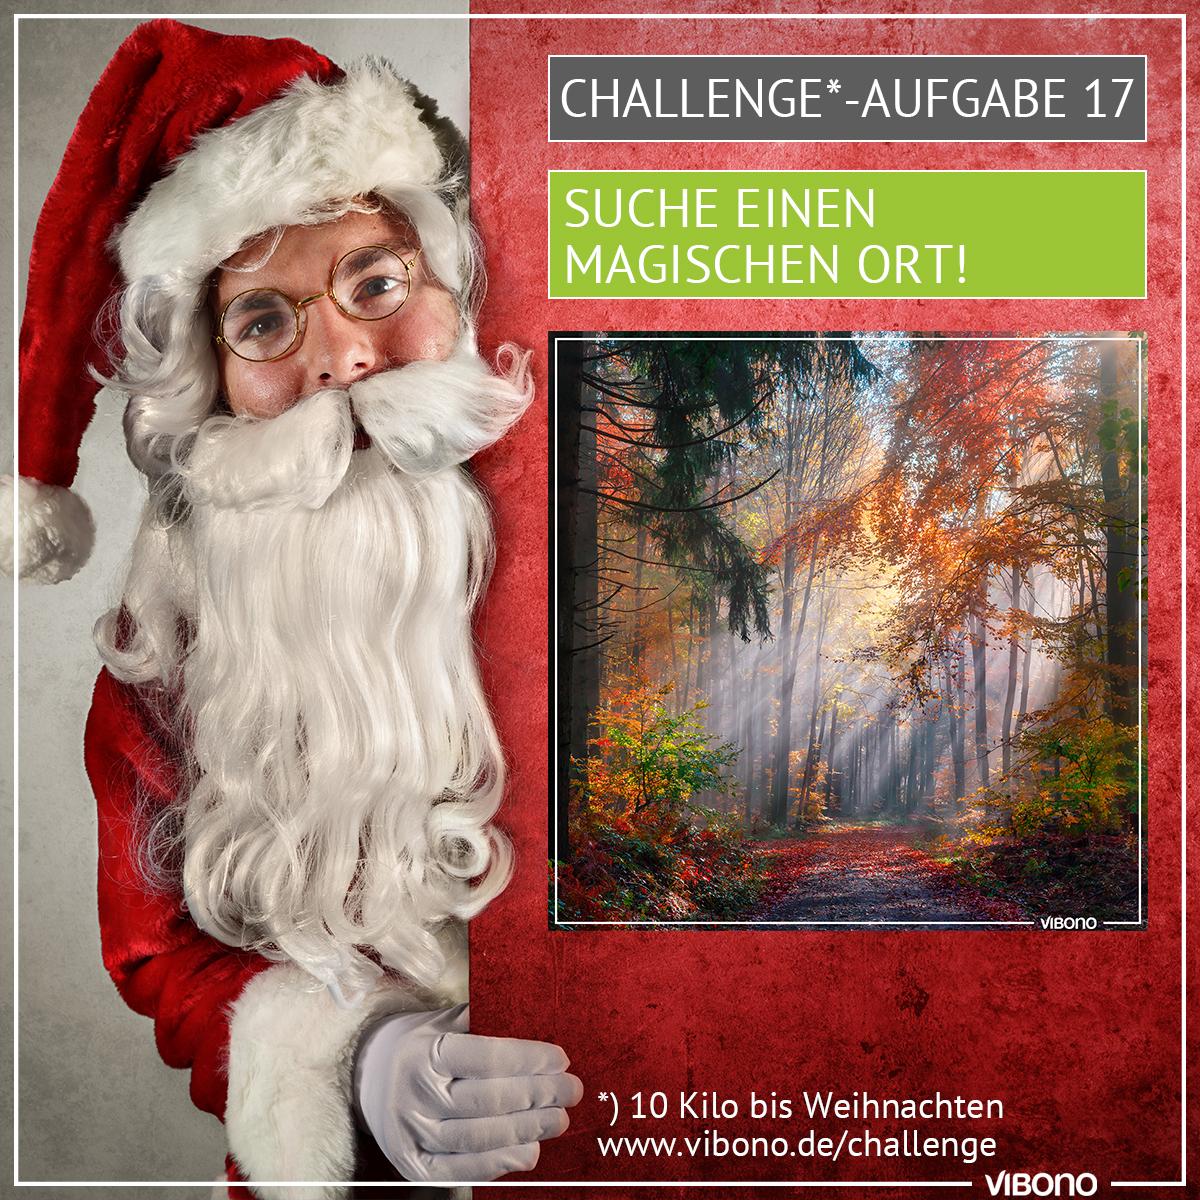 Challenge-Aufgabe 17: Magischen Ort suchen